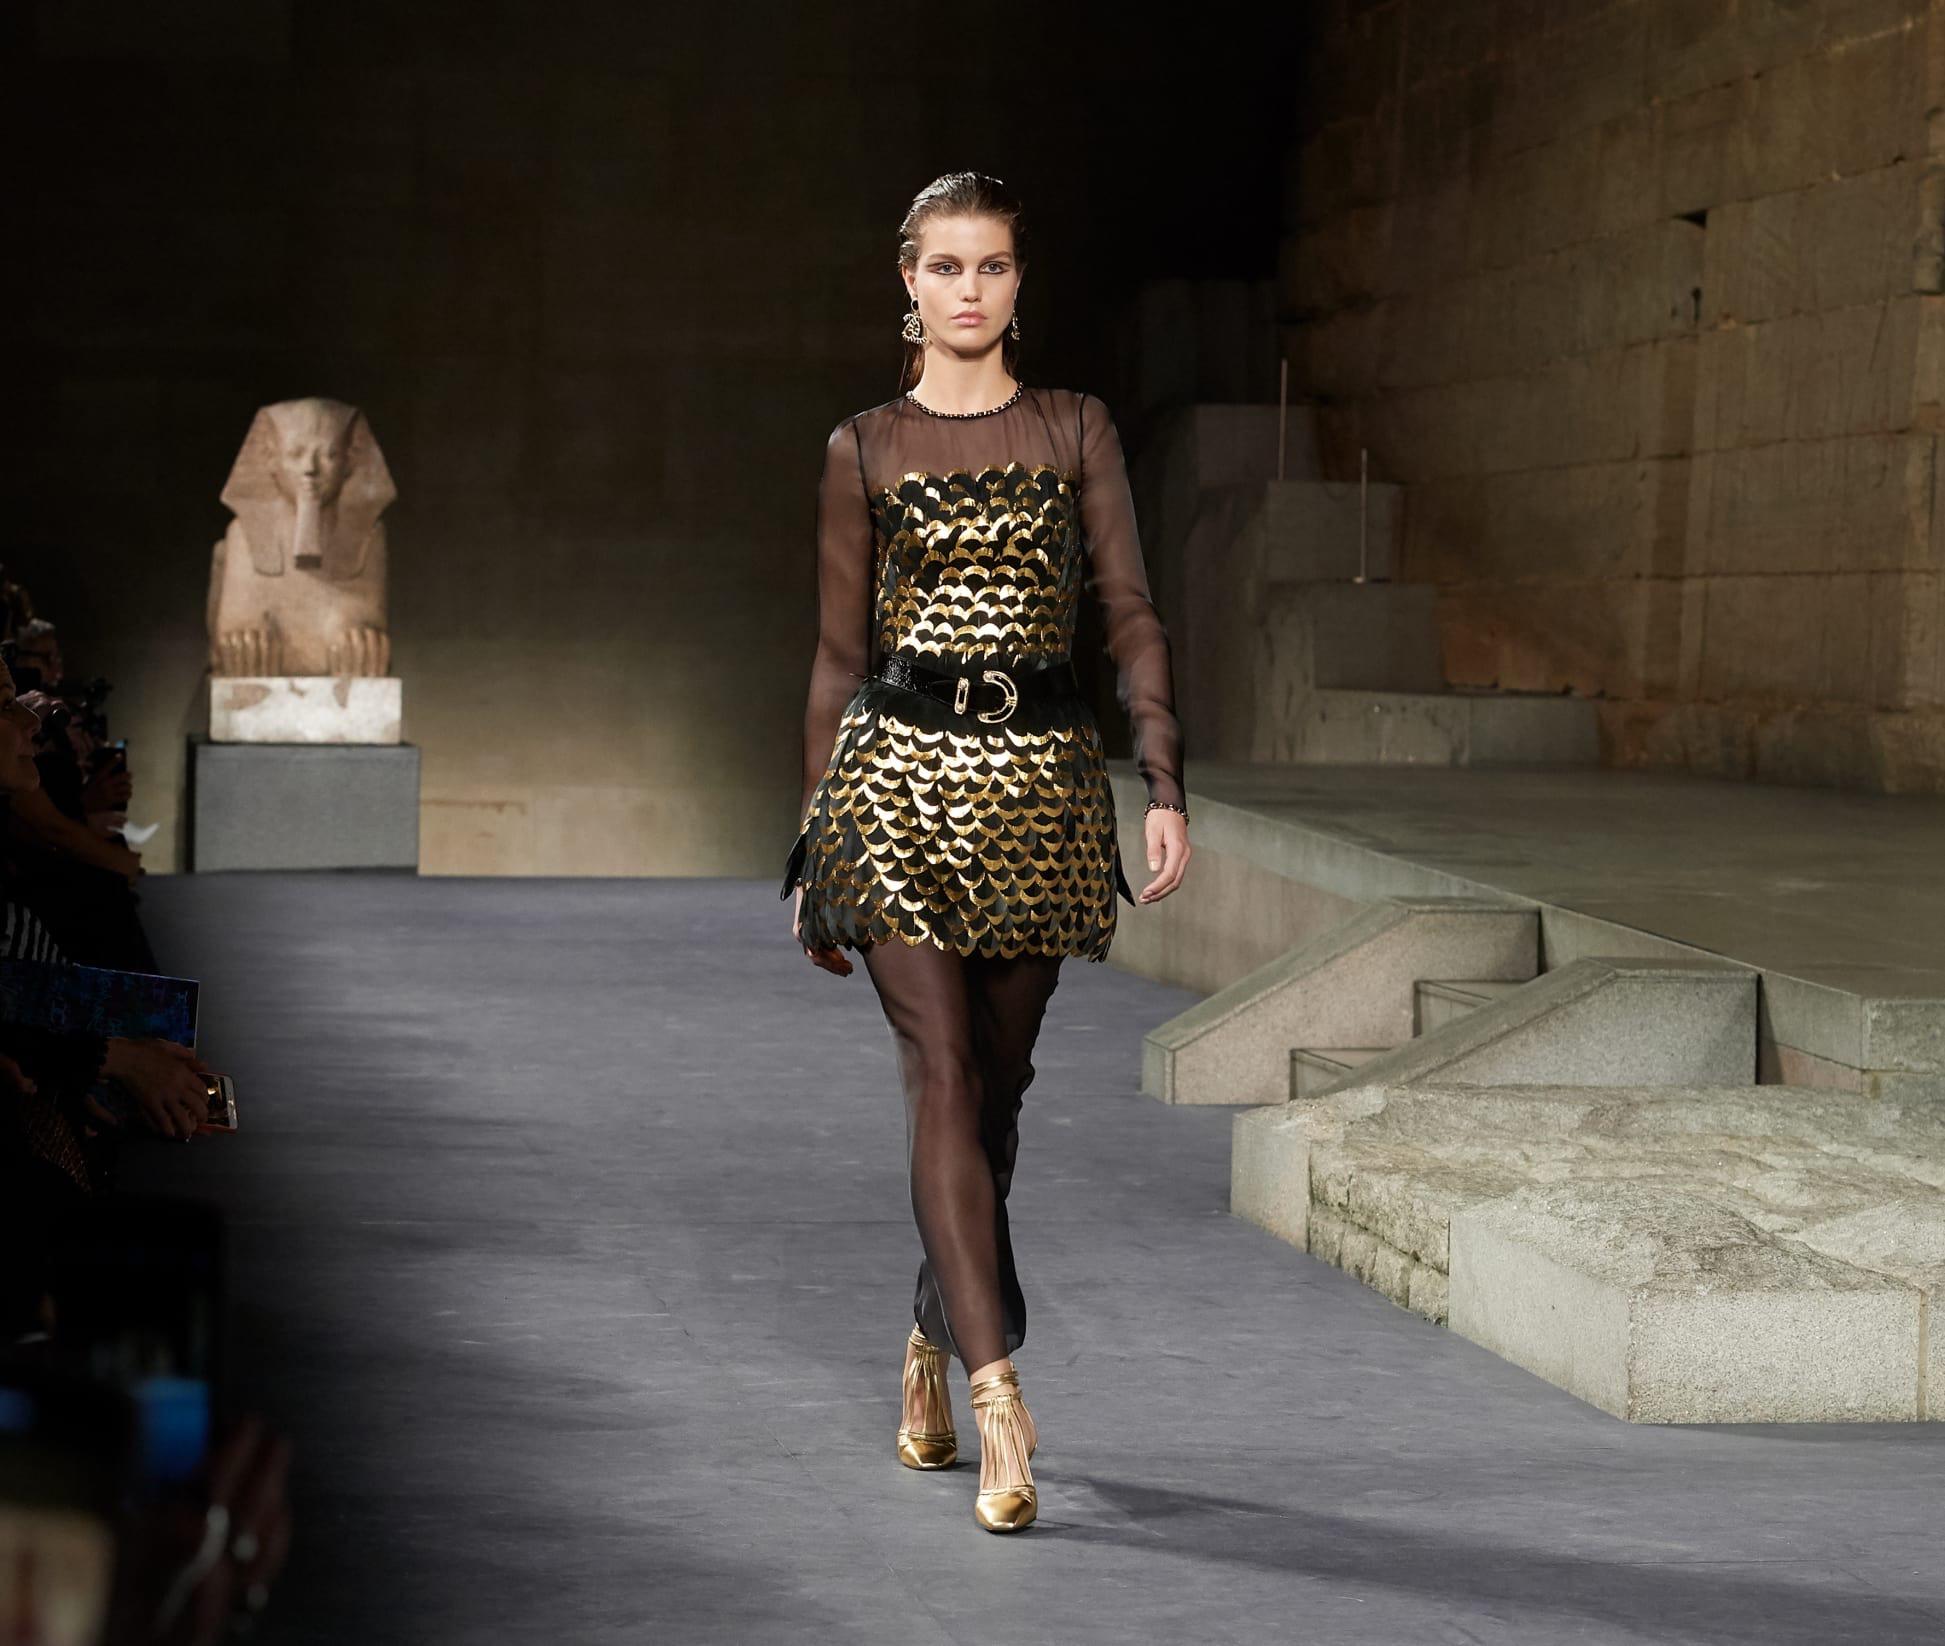 CHANEL Métiers d'art Paris New York Look 85 Esprit de Gabrielle espritdegabrielle.com